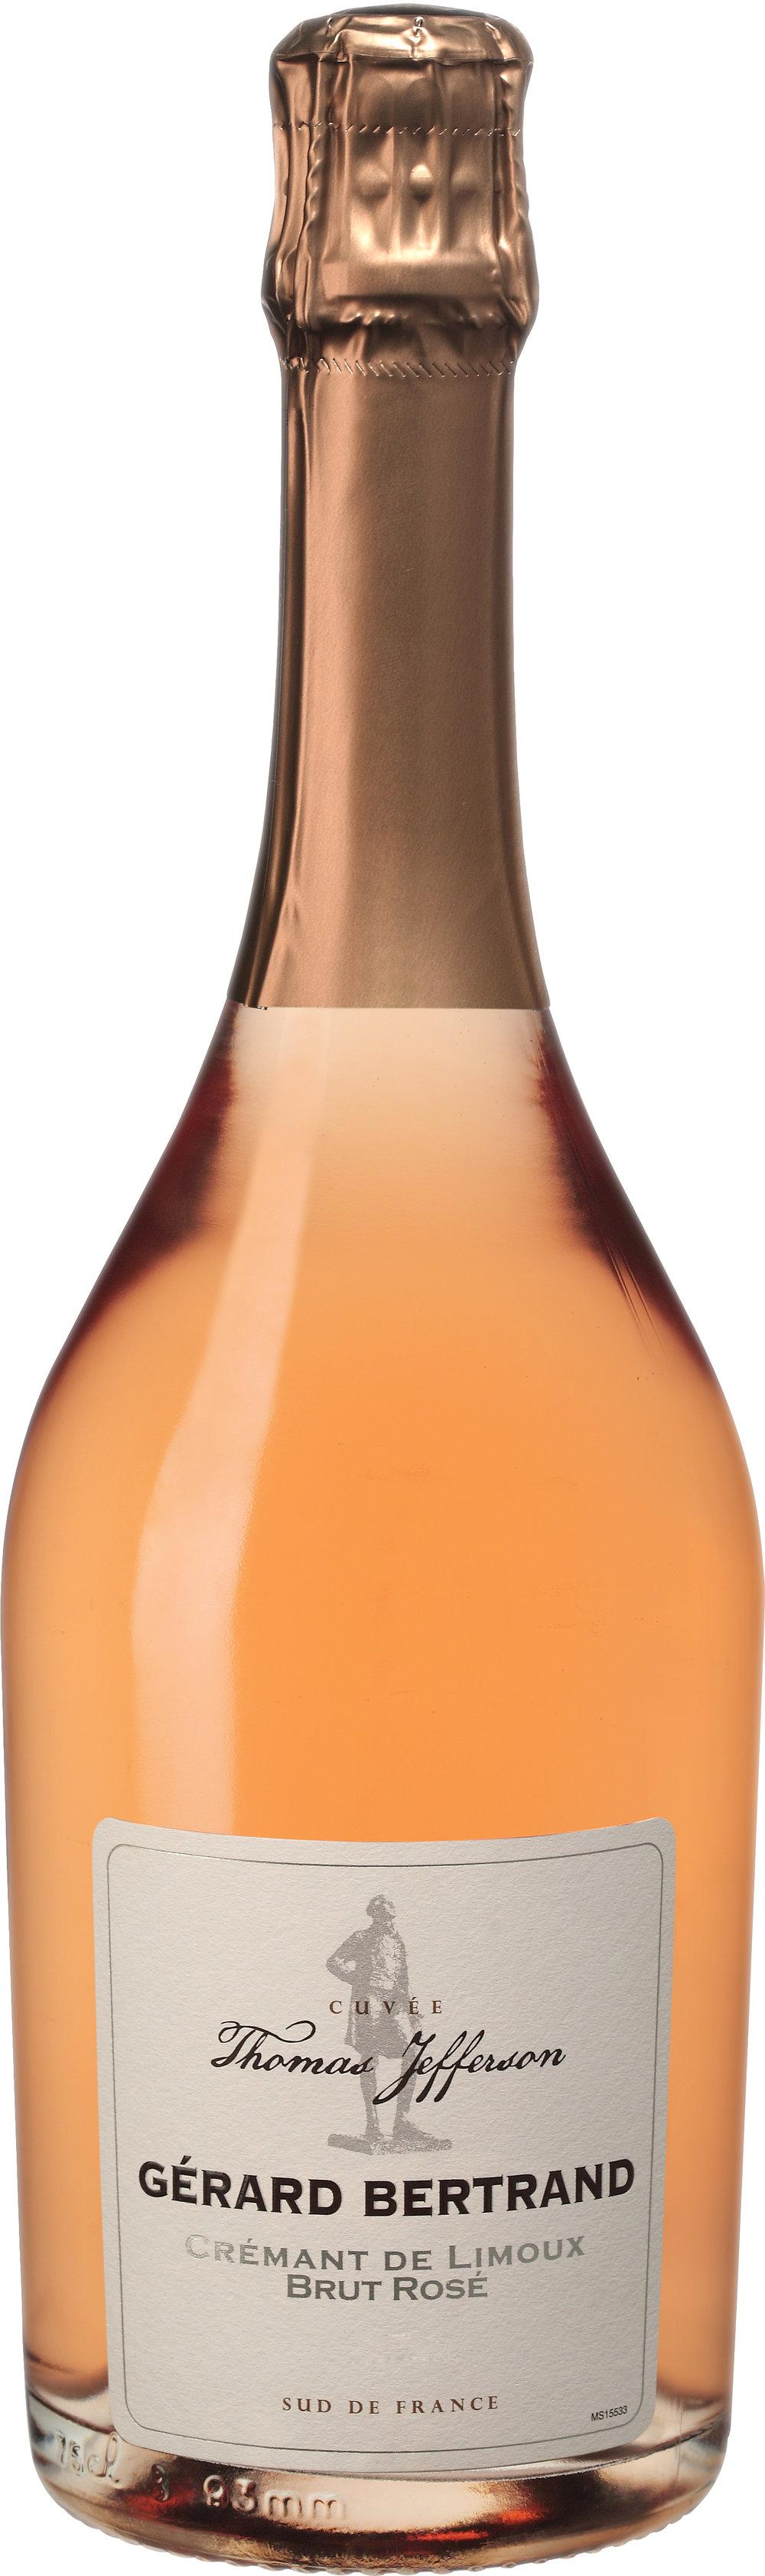 Crémant de Limoux Thomas Jefferson Rosé 300DPI .jpg